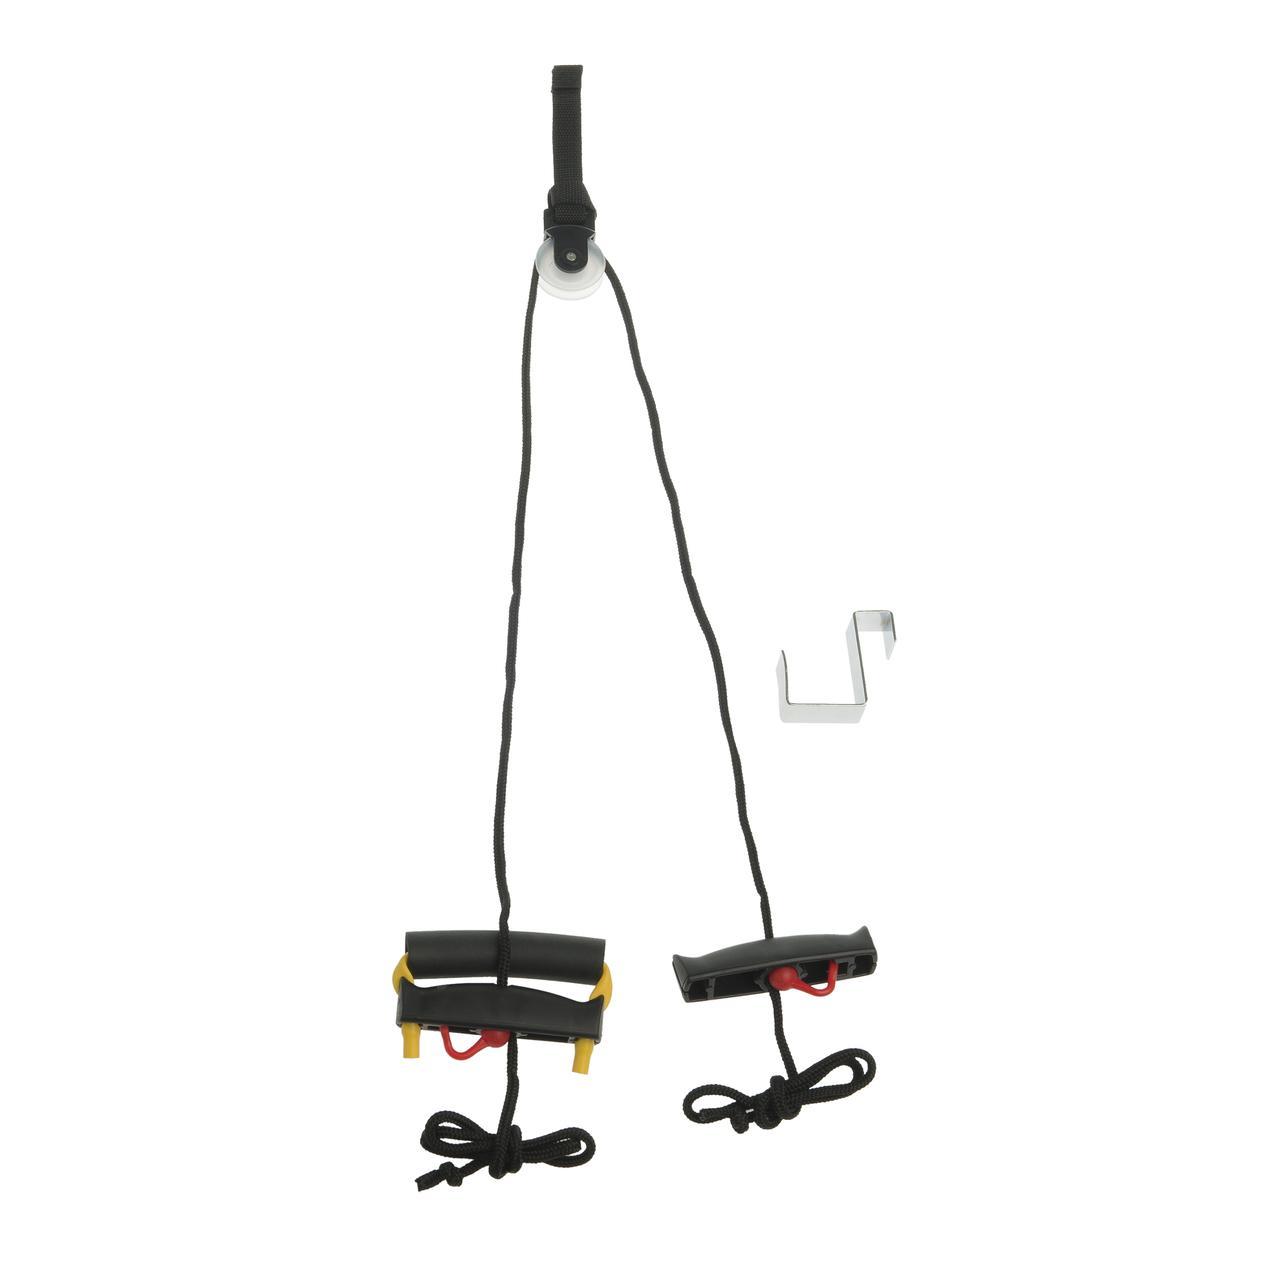 Image result for shoulder pulley images